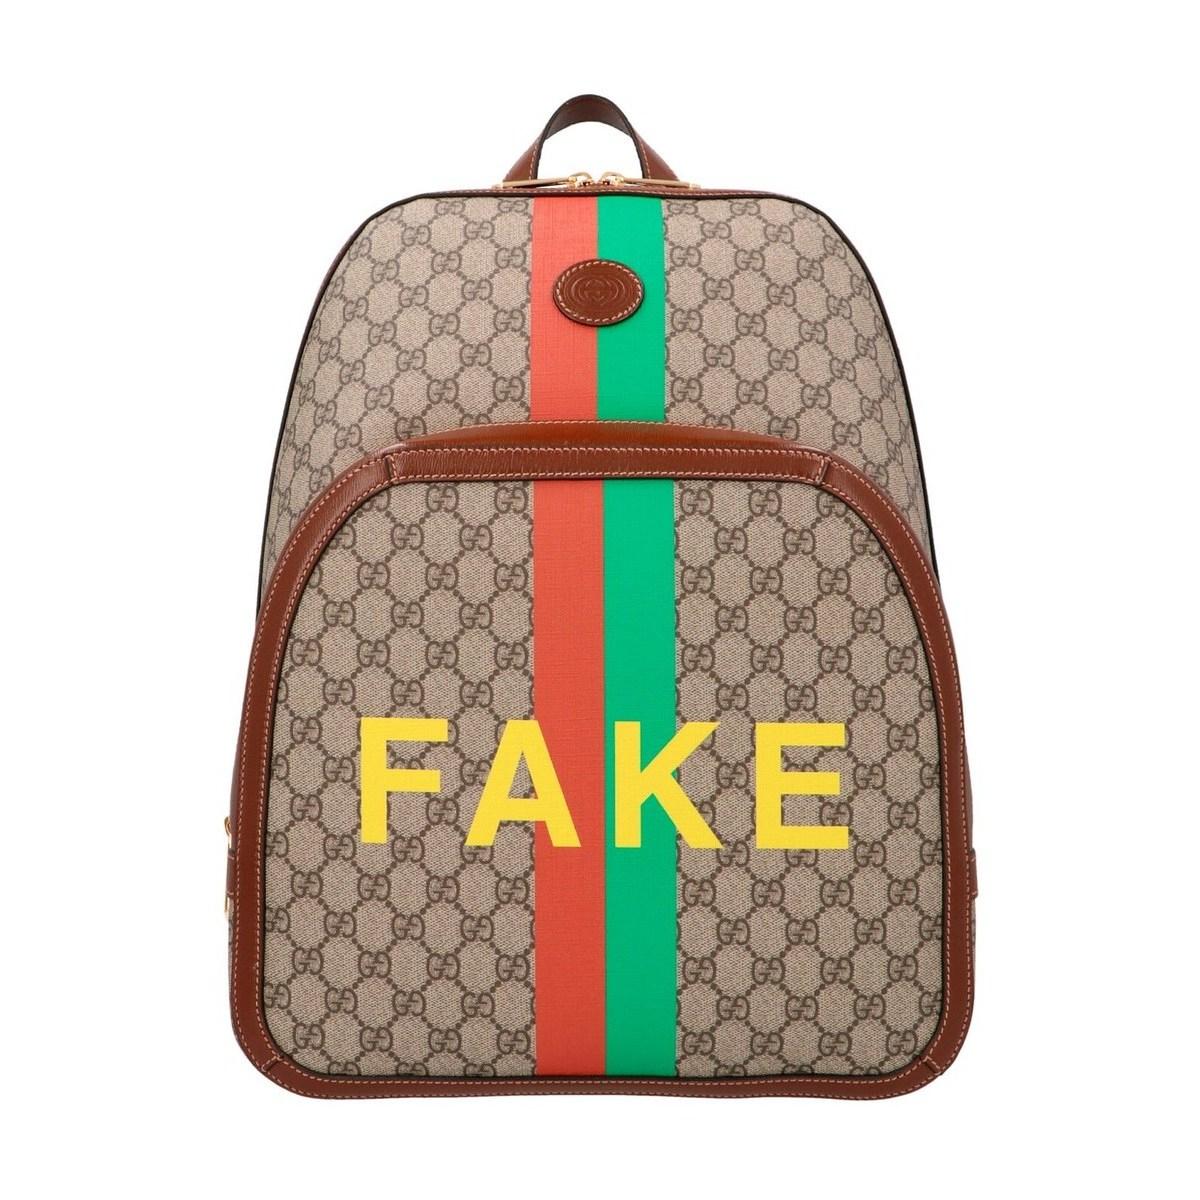 【最新入荷】 GUCCI/グッチ Multicolor 'Fake Not' backpack ju メンズ GUCCI/グッチ 秋冬2020 Multicolor 6366542GCCG8289 ju, スポーツゴリラ:aeabb199 --- eamgalib.ru